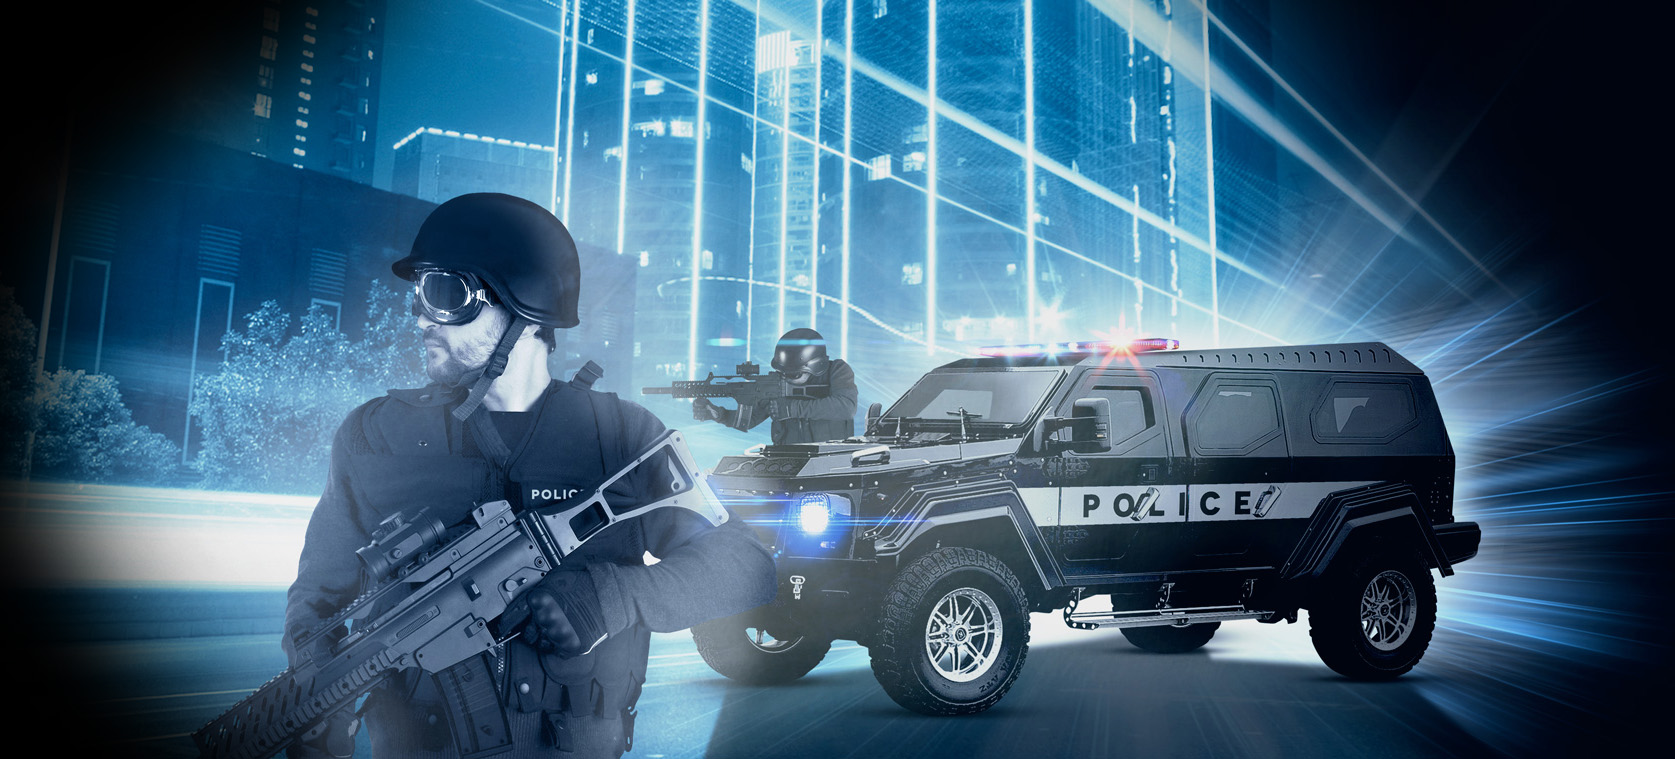 police_1170_530